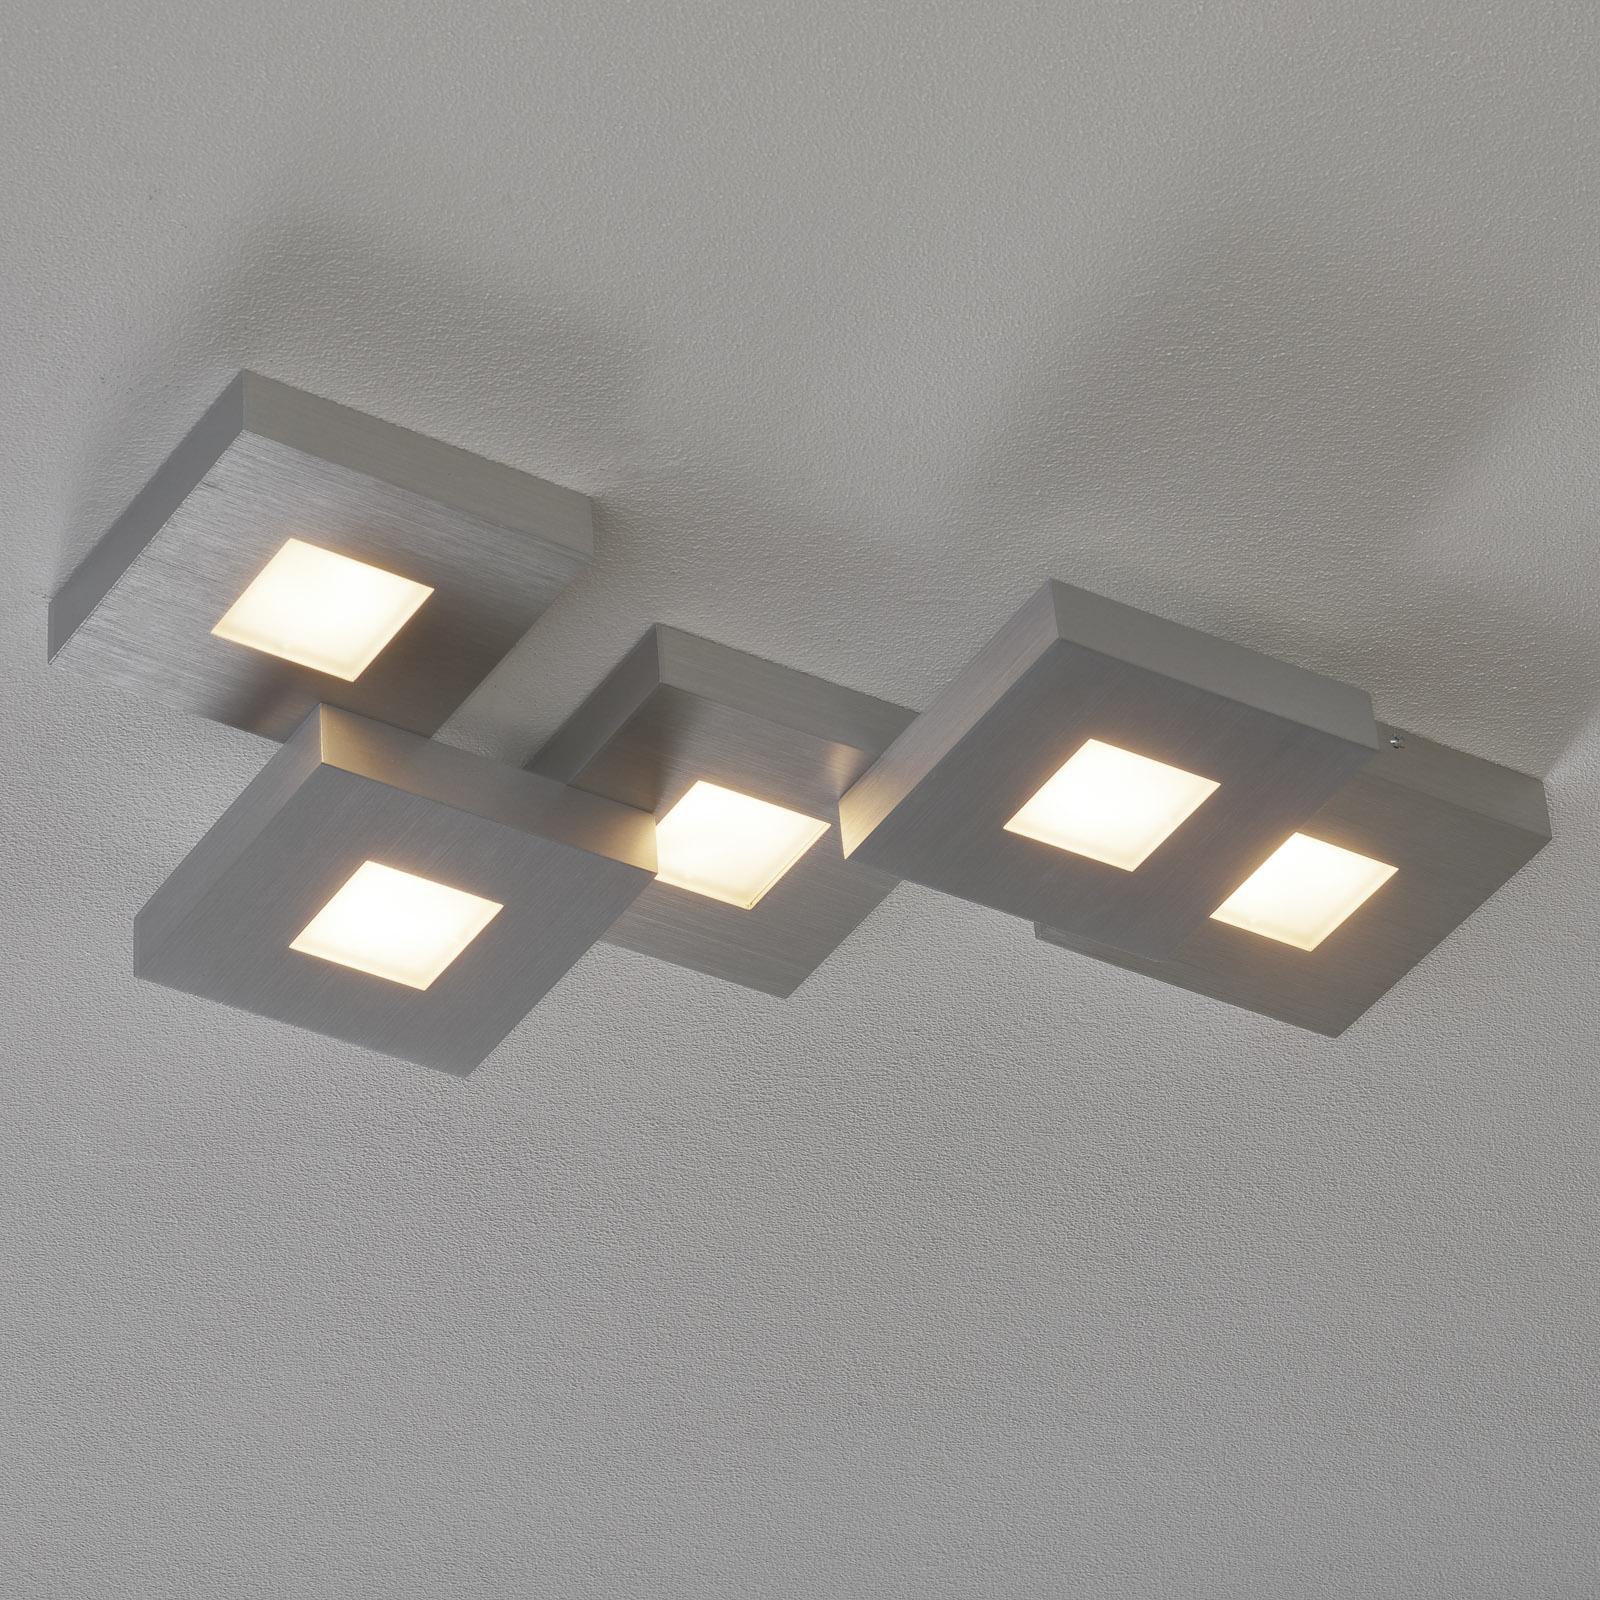 Extravagant LED ceiling lamp Cubus_1556046_1